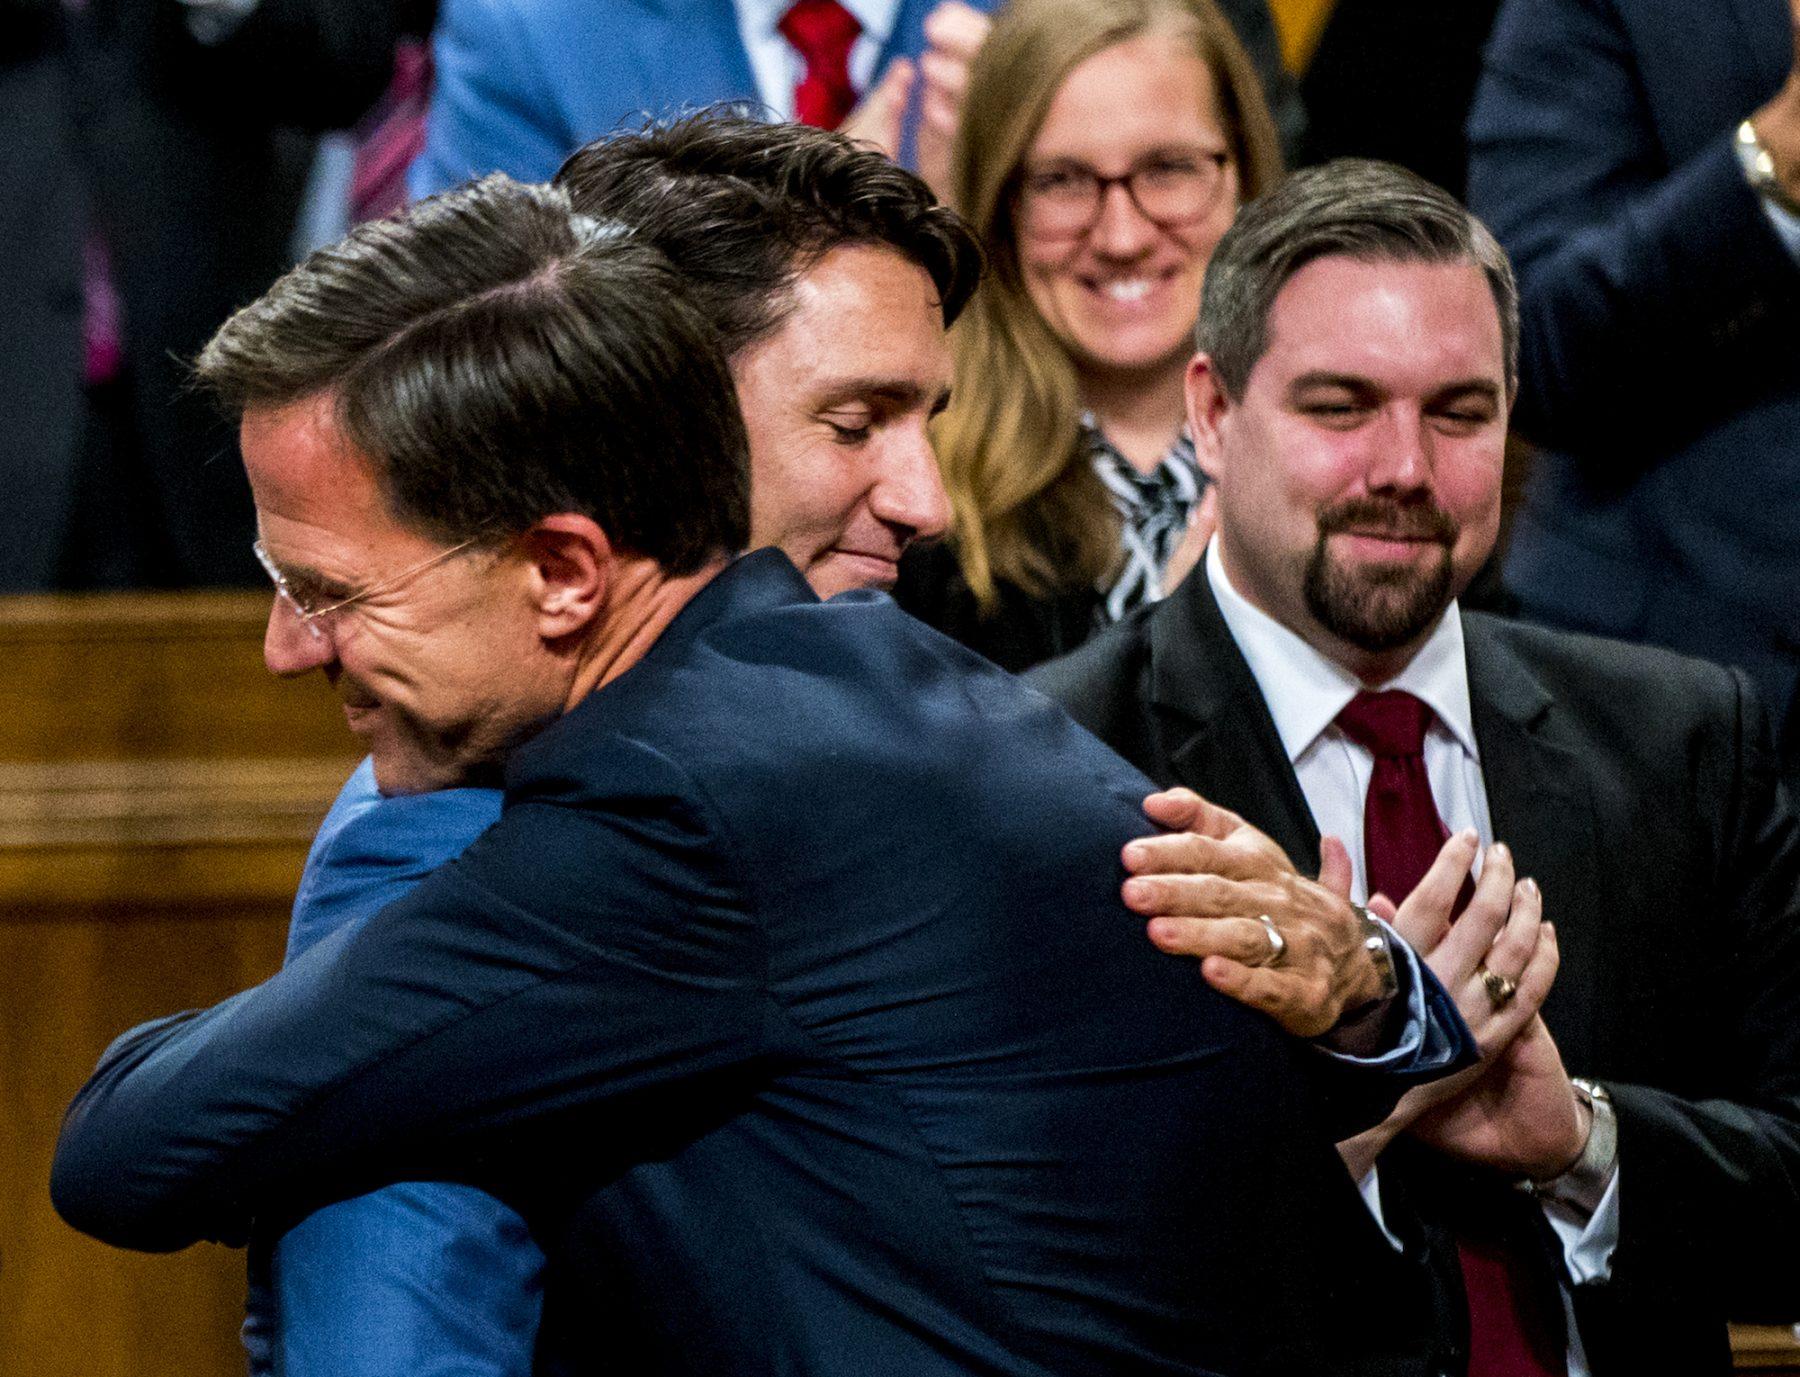 Rutte wordt warm onthaald door Trudeau in Canada en krijgt staande ovatie na speech